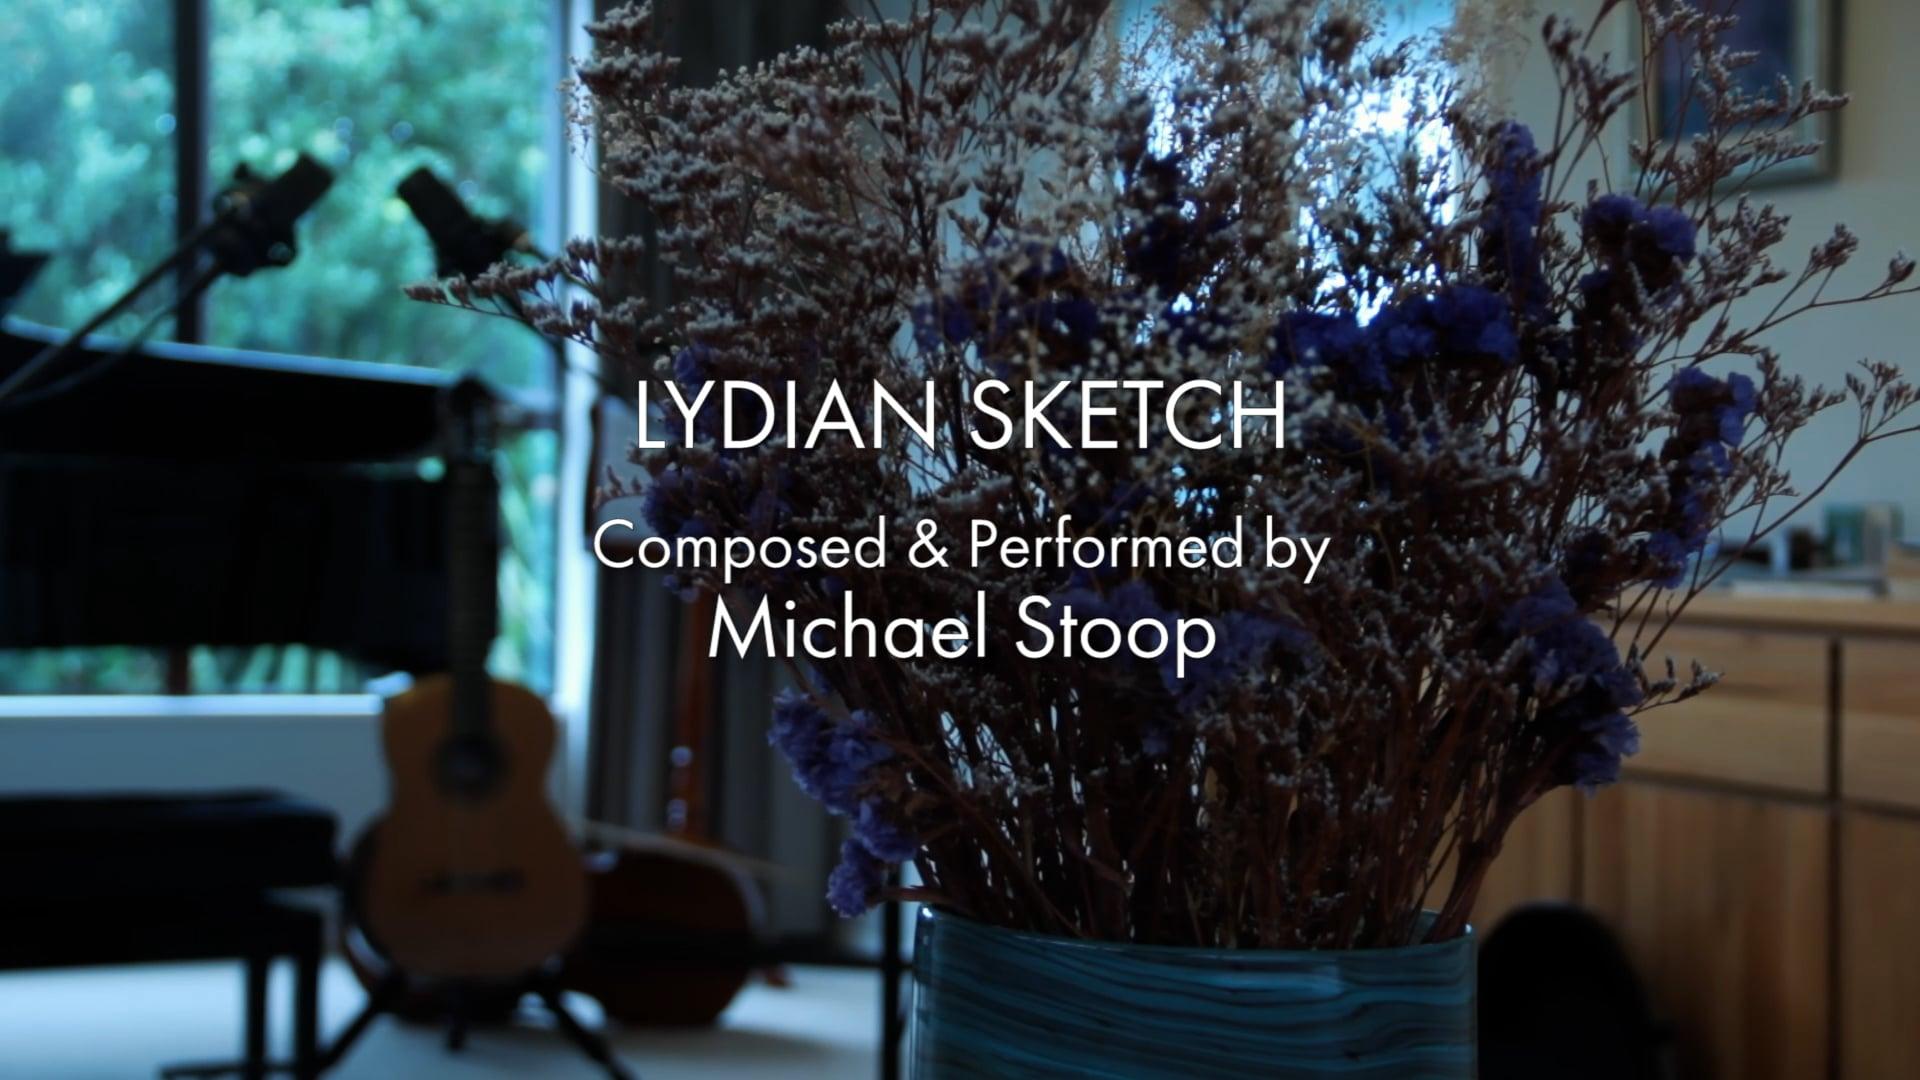 Lydian Sketch - Michael Stoop